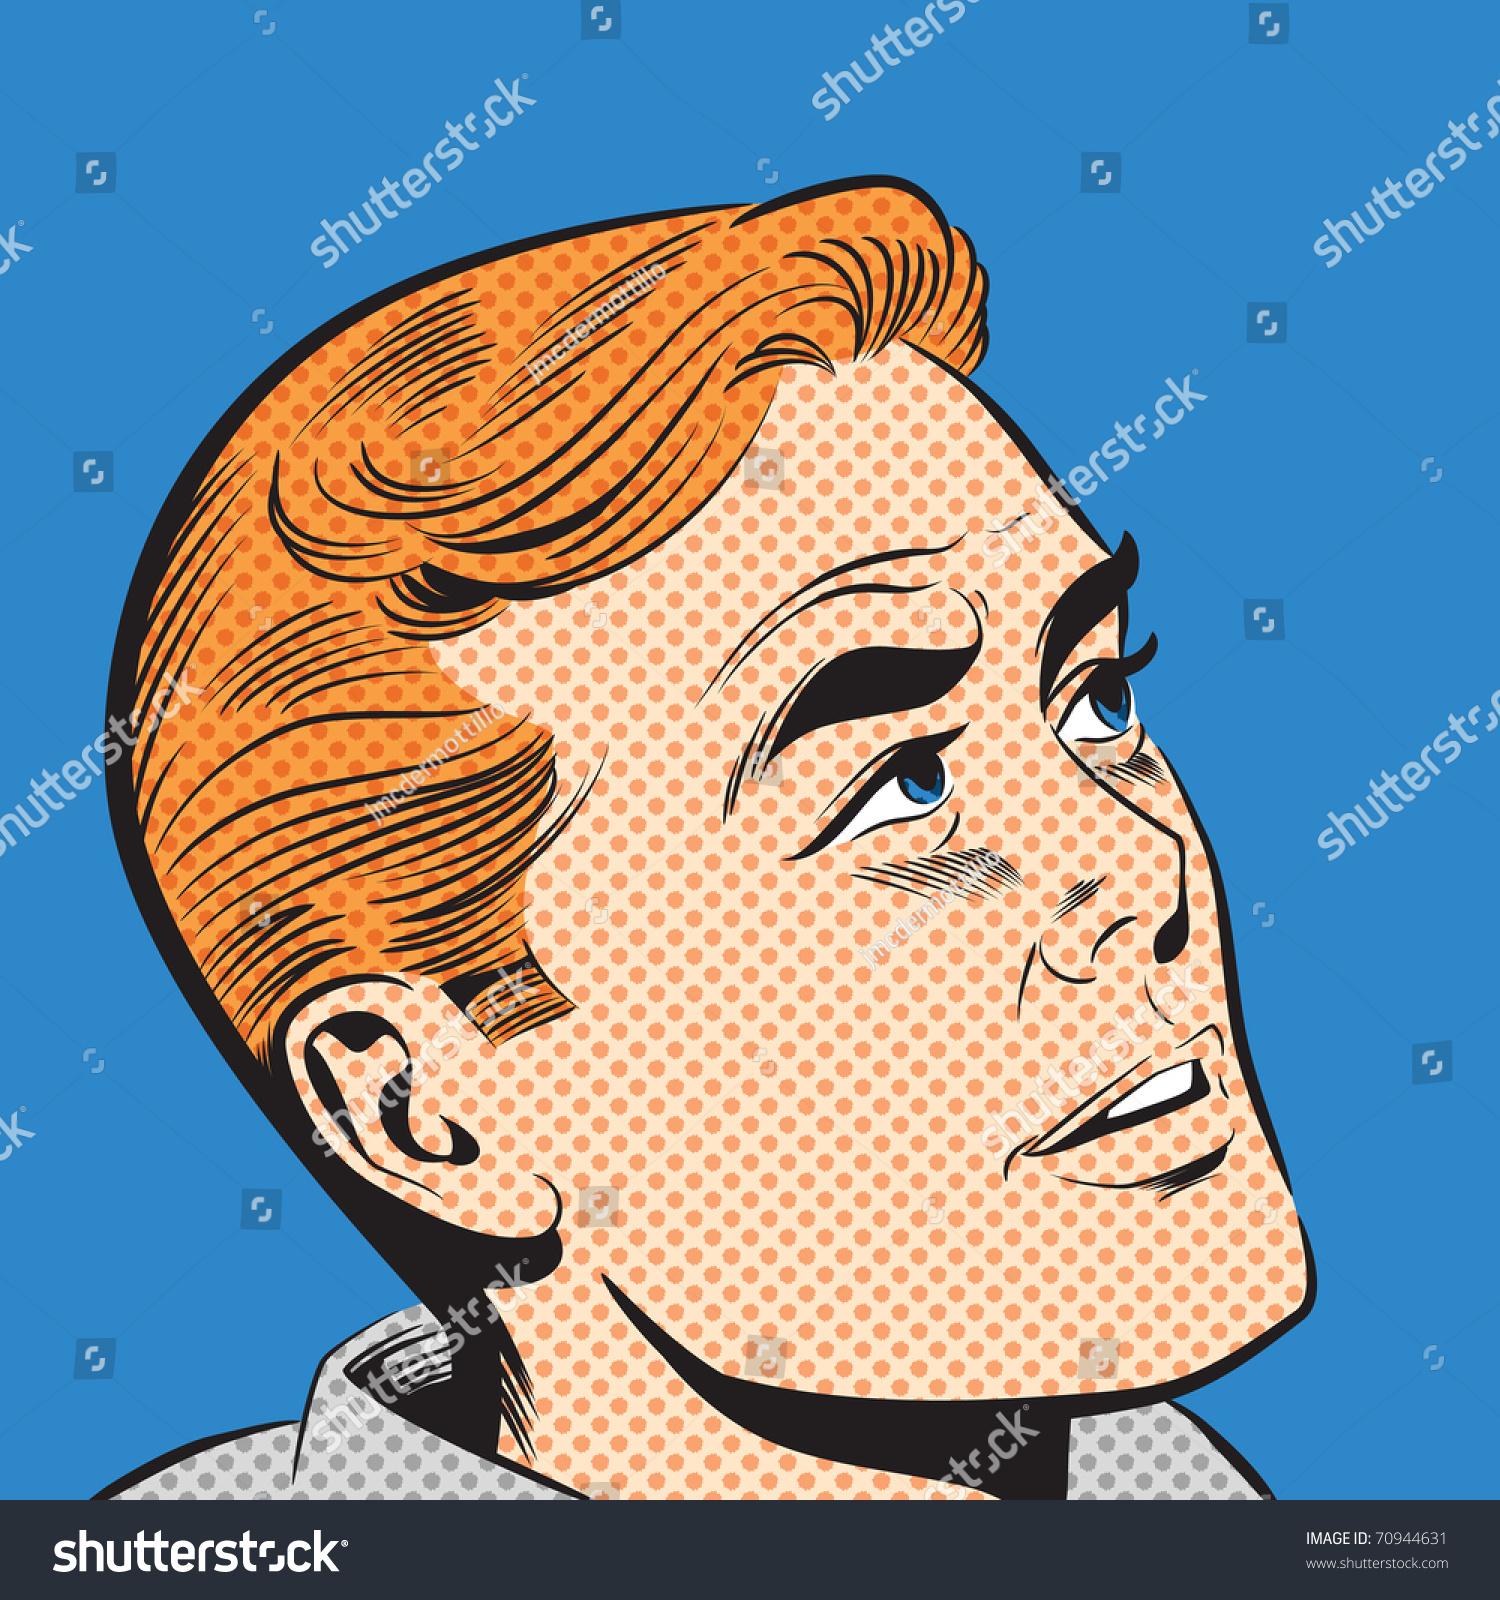 Art Illustration: Pop Art Illustration Of A Man